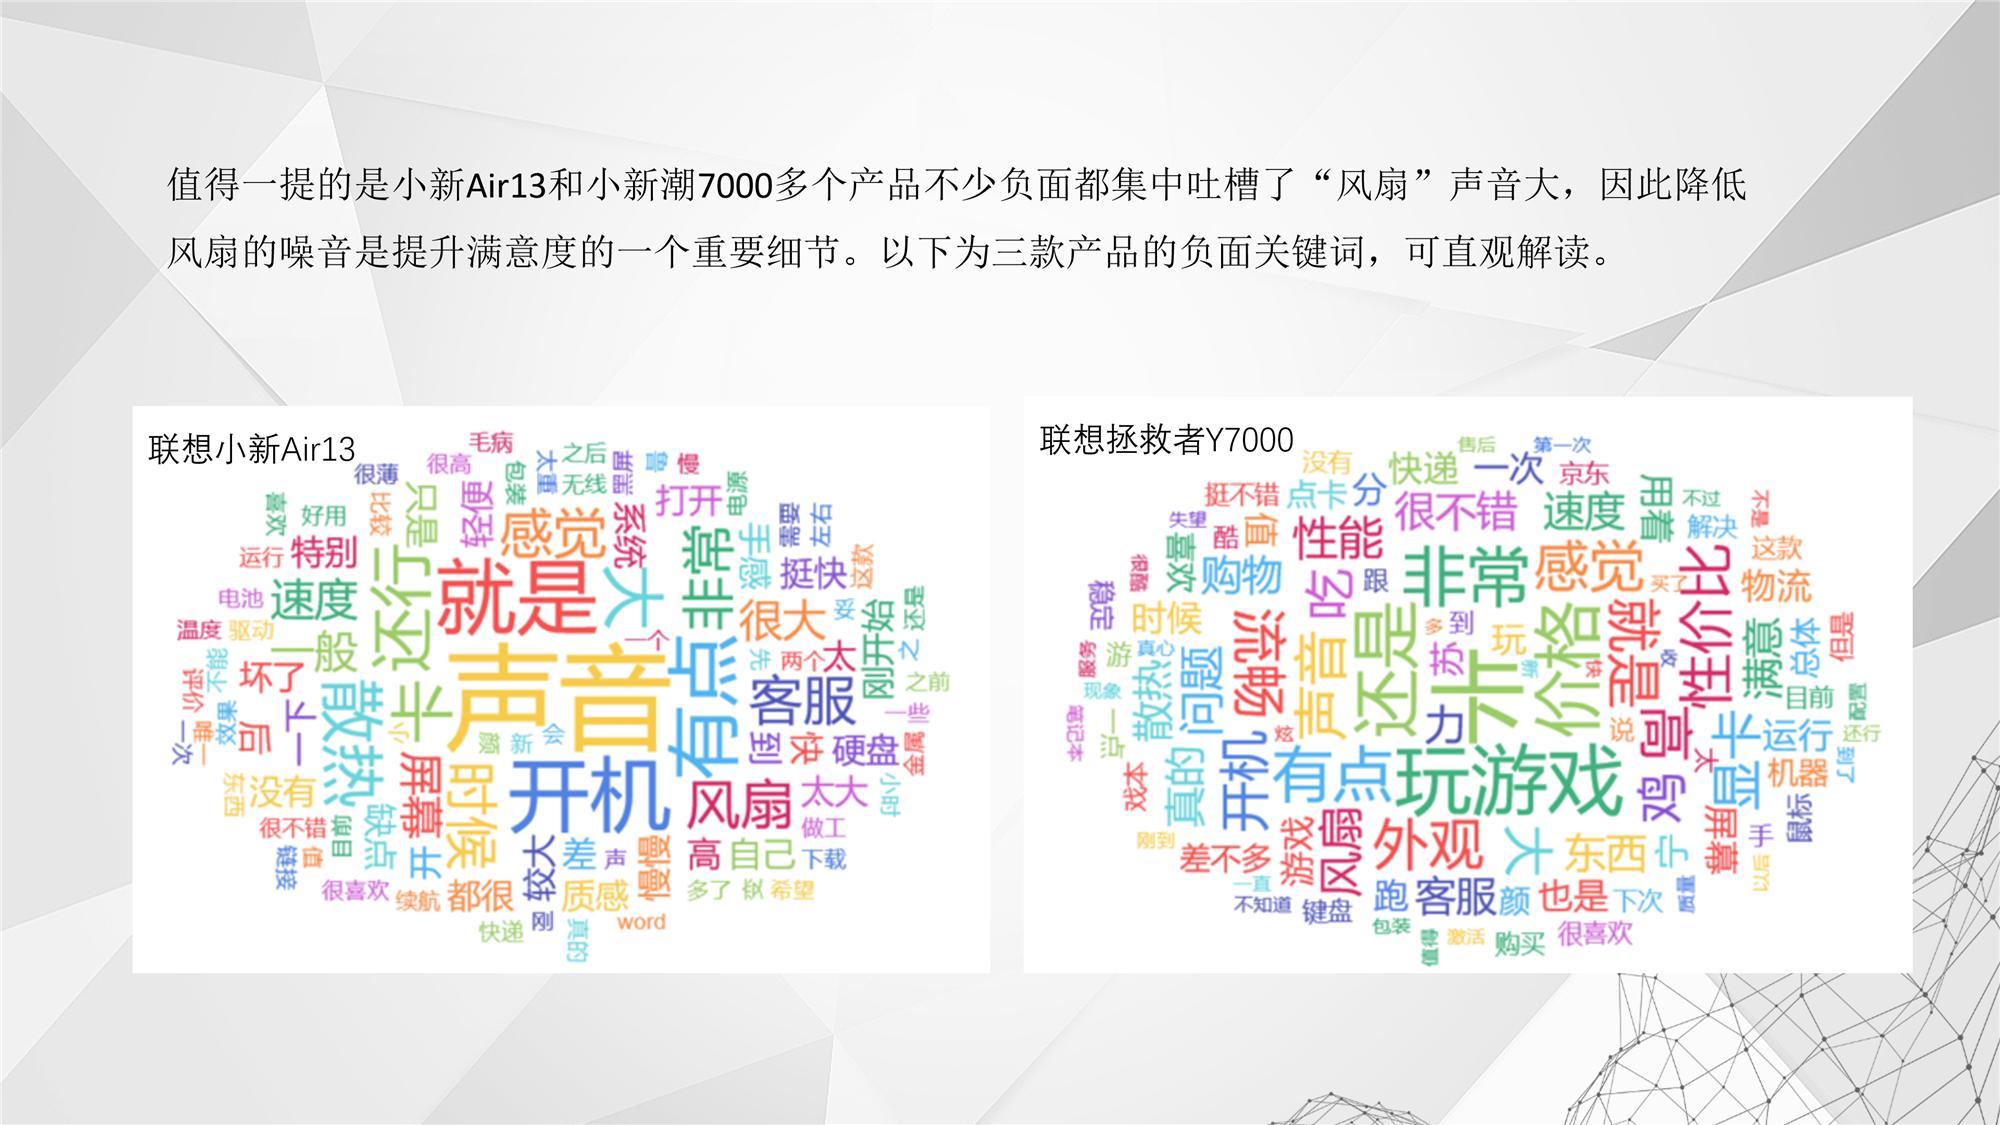 联想笔记本本竞品分析(郭强)_32.png